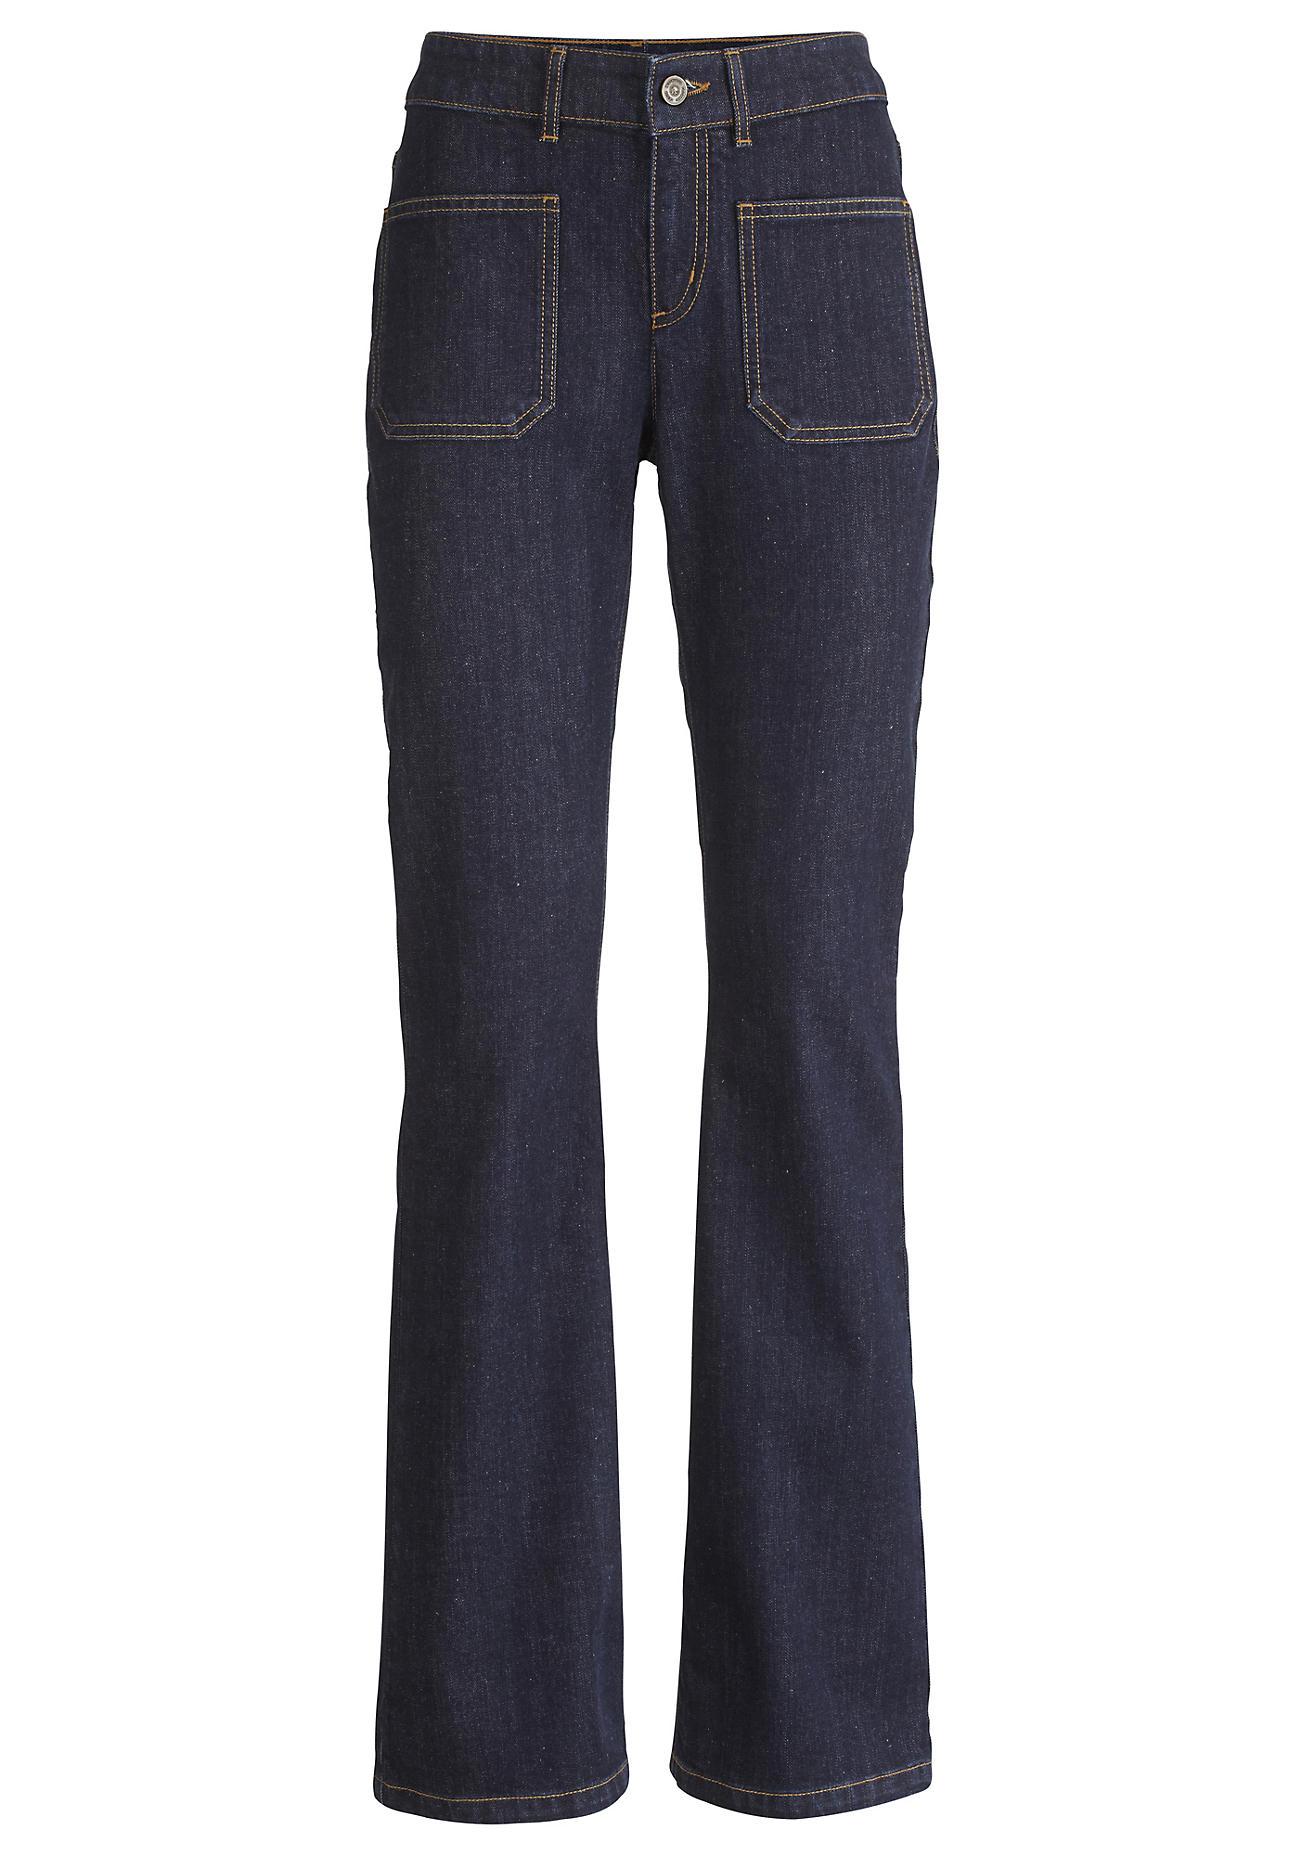 hessnatur Damen Jeans Bootcut aus Bio-Denim – blau – Größe 26/32